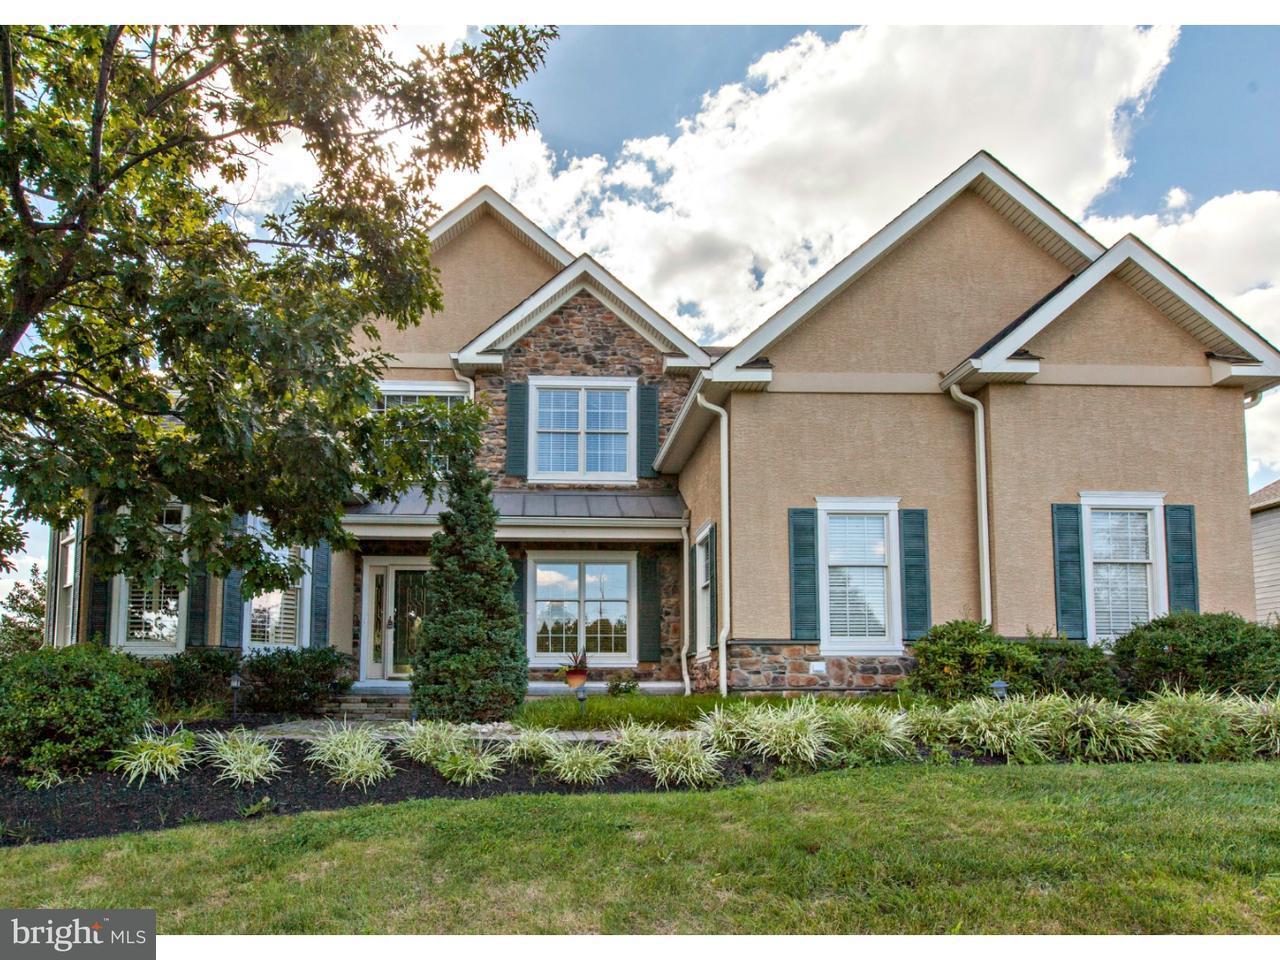 独户住宅 为 出租 在 143 PALSGROVE WAY 切斯特斯普林斯, 宾夕法尼亚州 19425 美国